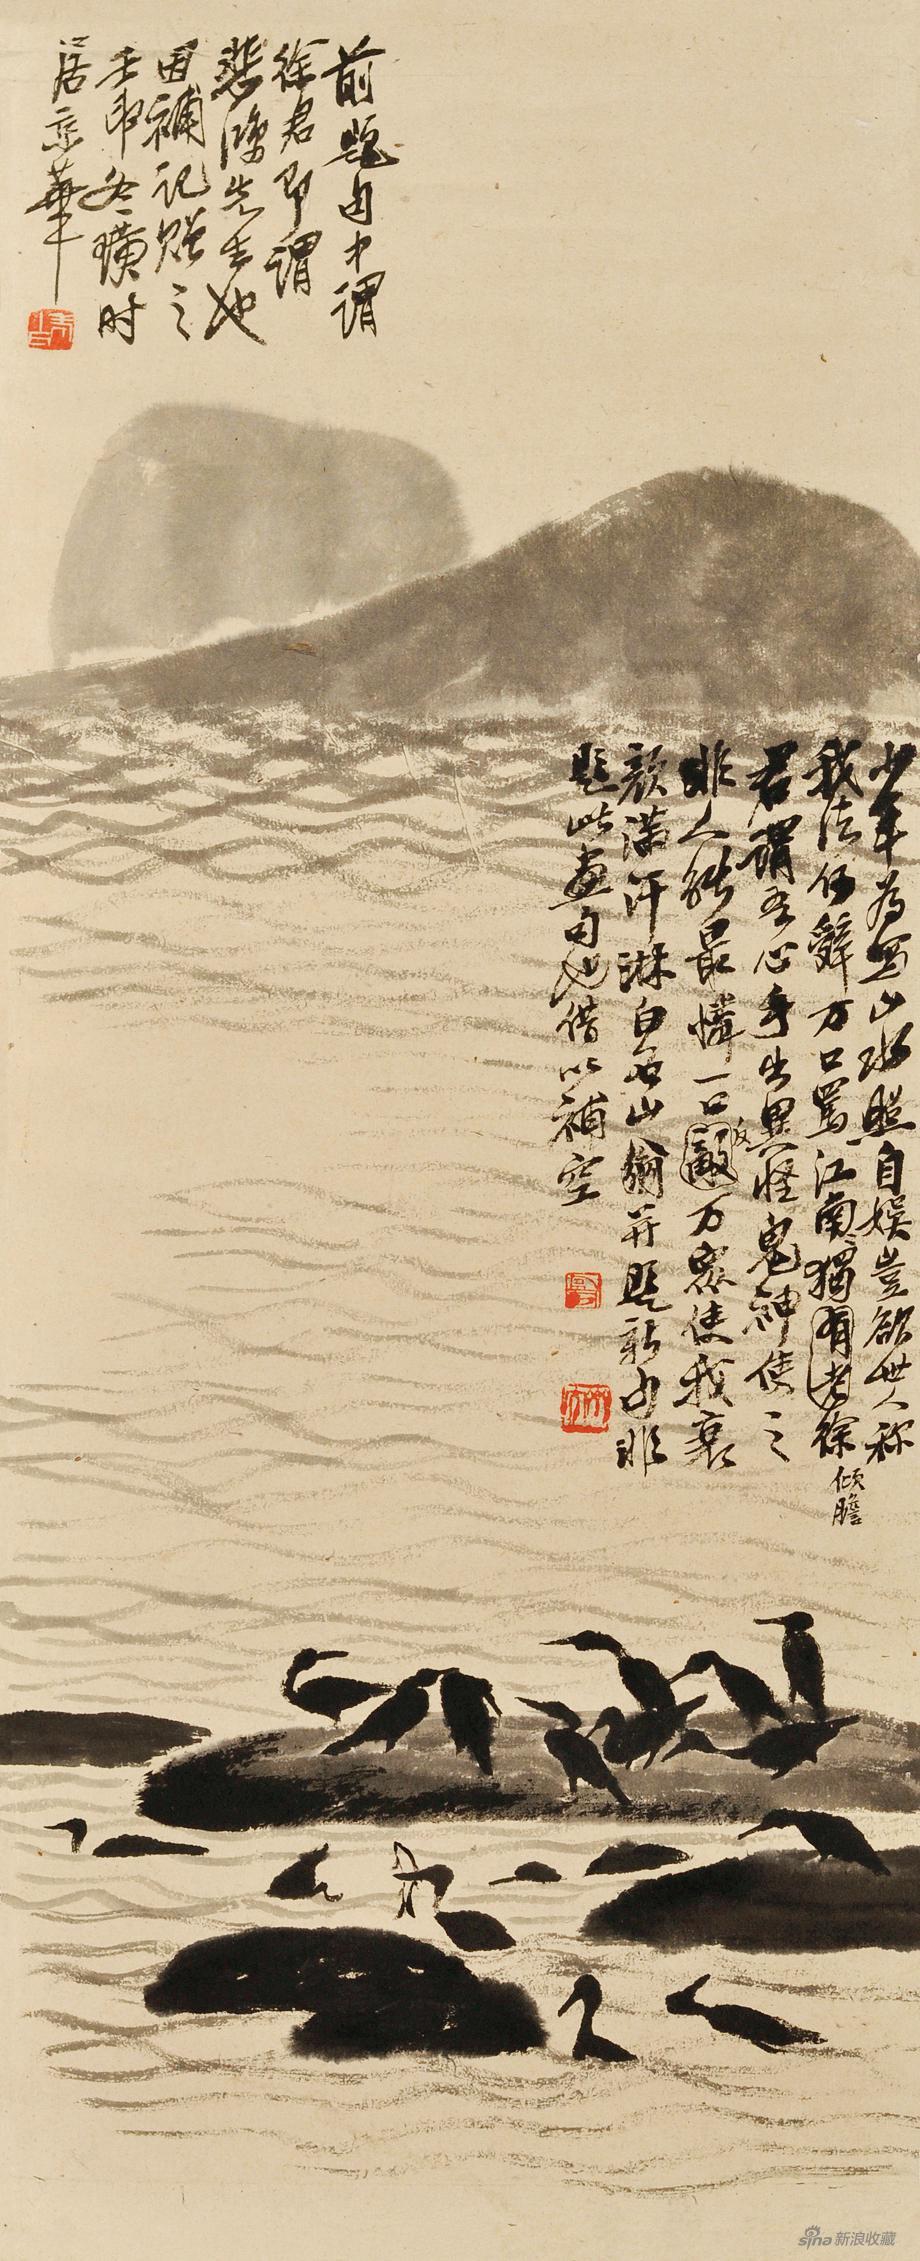 山水 齐白石 72×29cm 纸本墨笔 无年款 徐悲鸿纪念馆藏